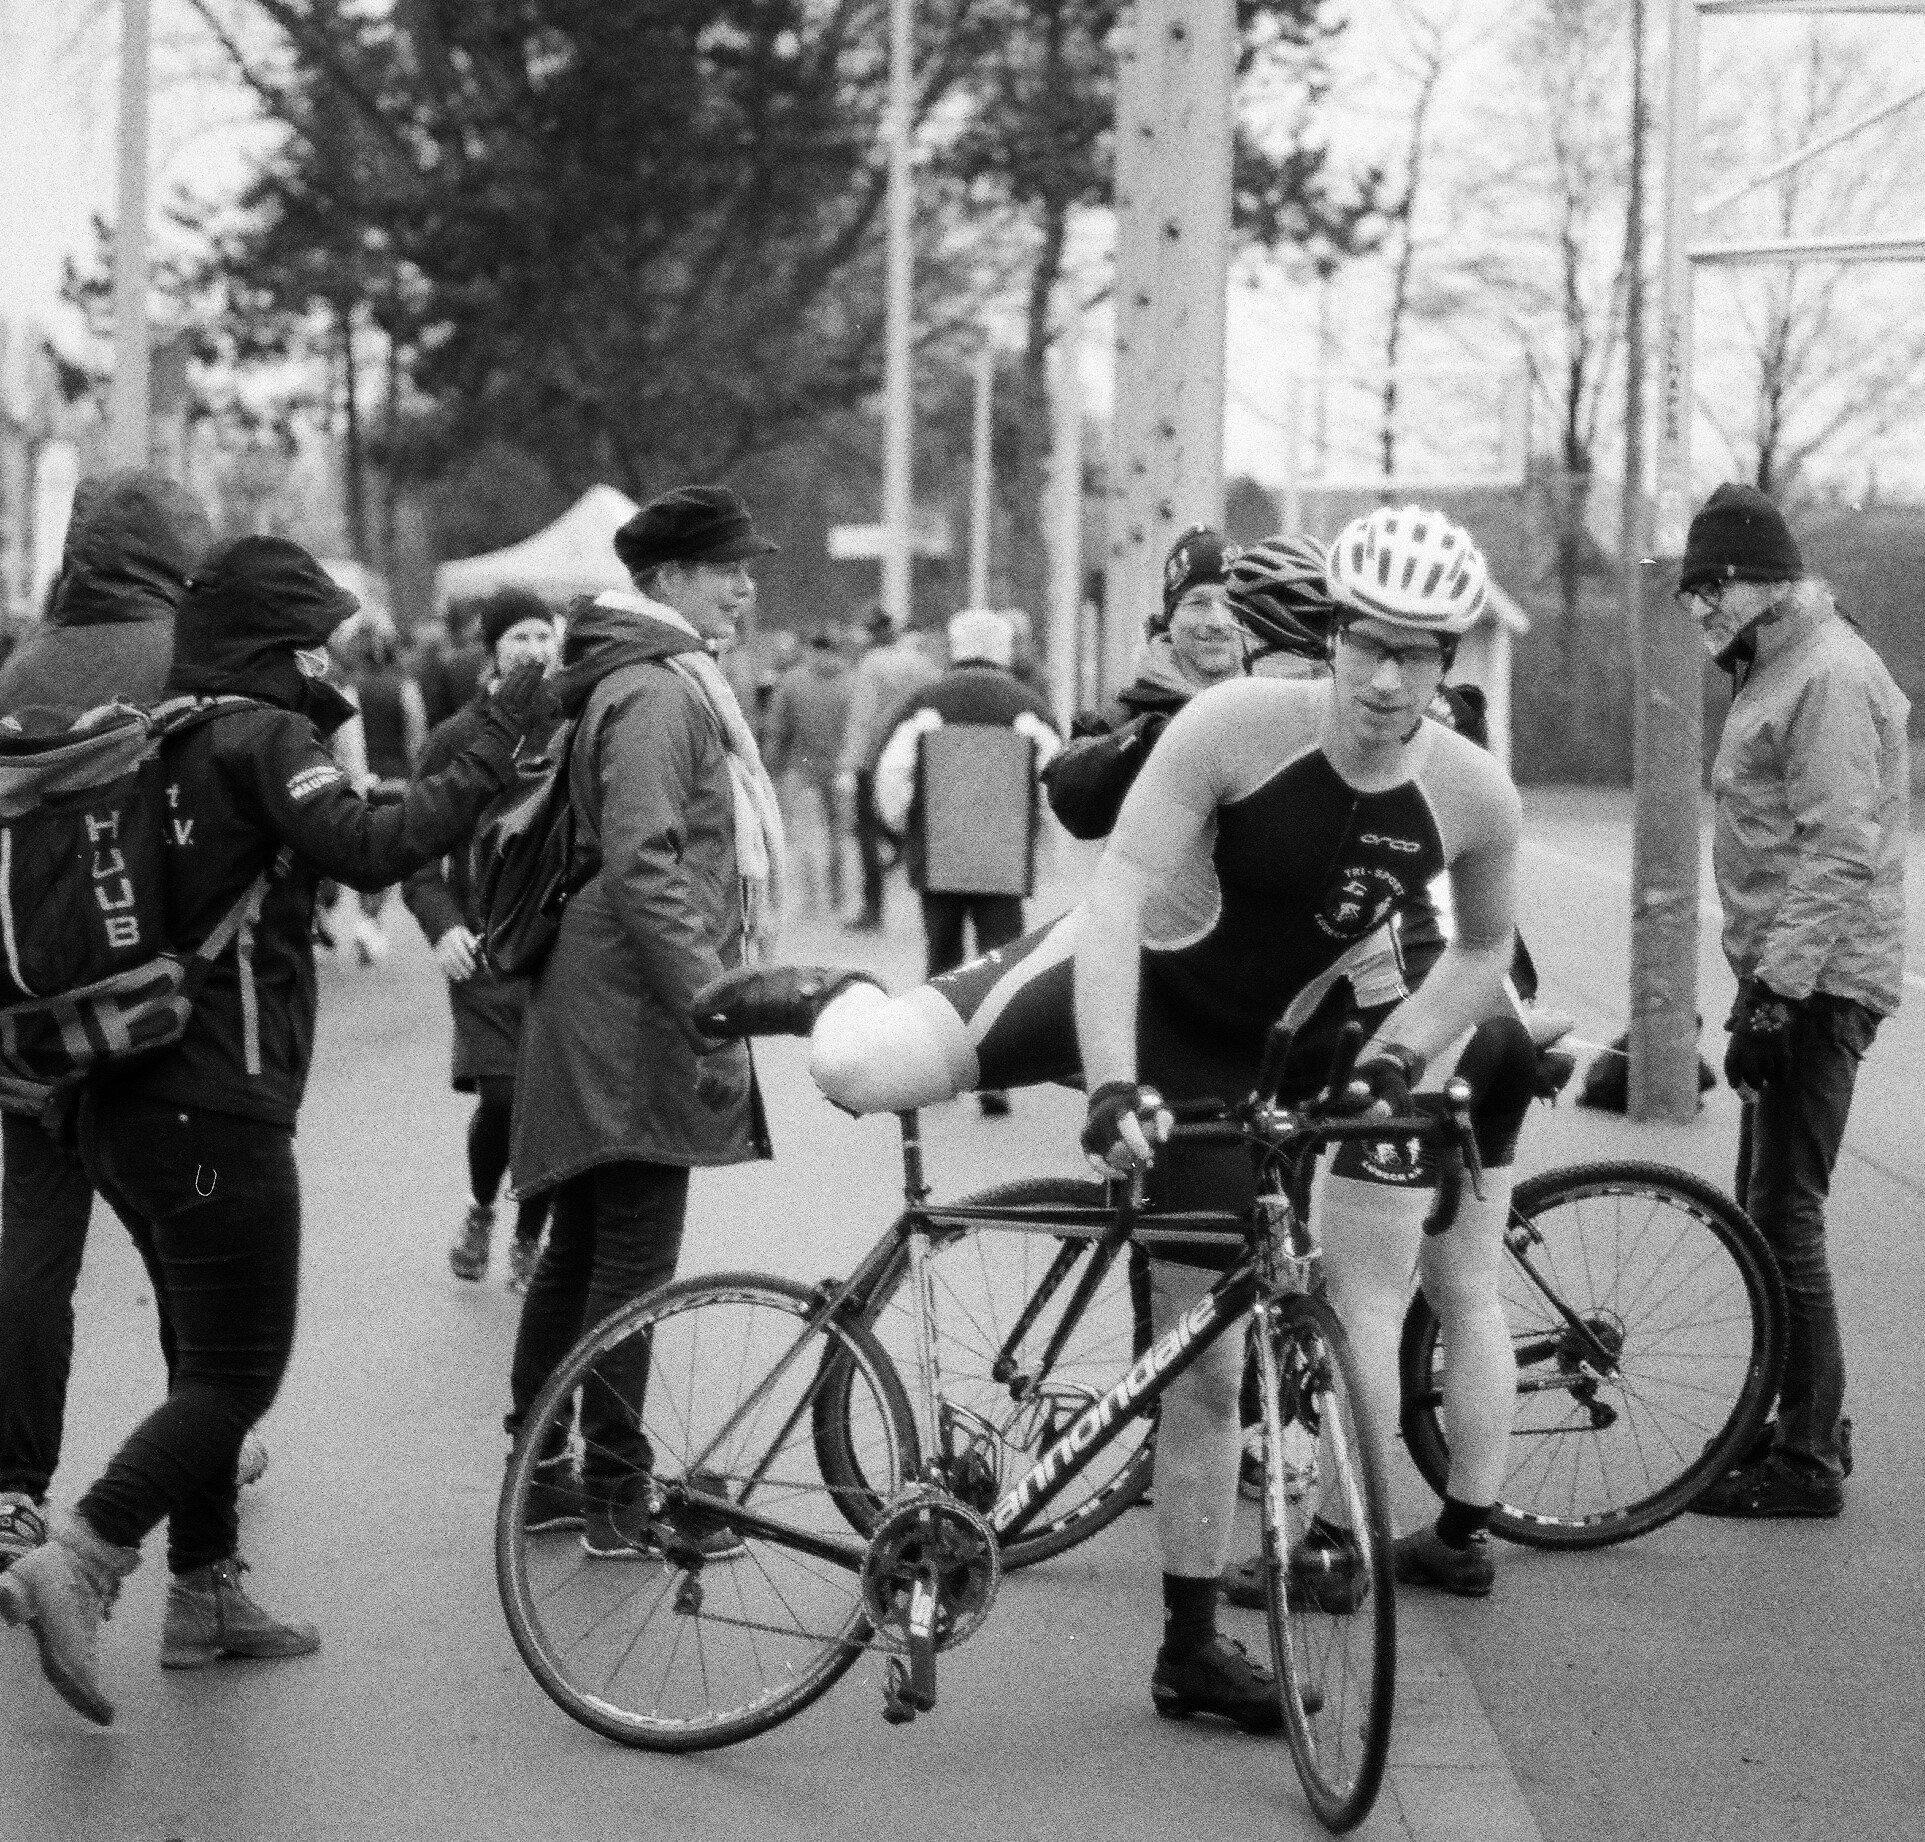 Rennradfahrer in Sommerdress steigt aufs Rad.